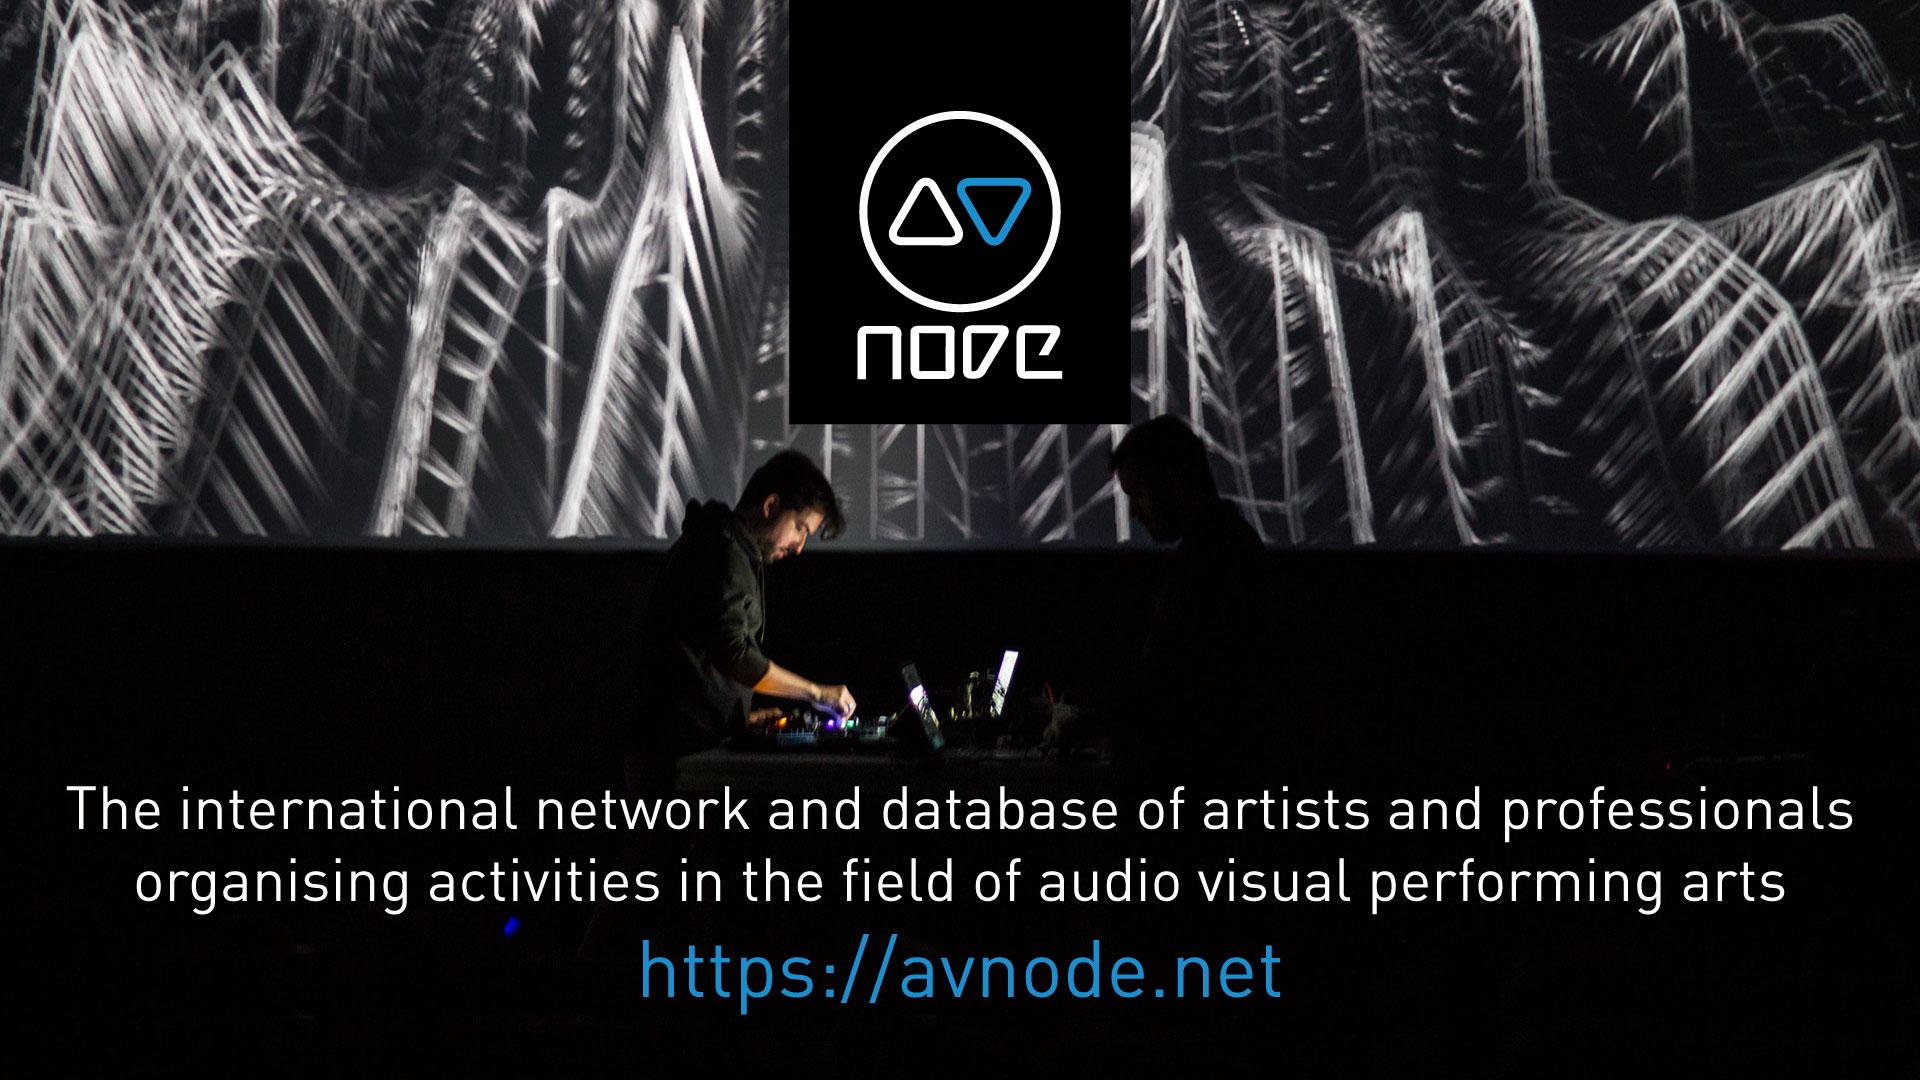 Image for: AVnode.net